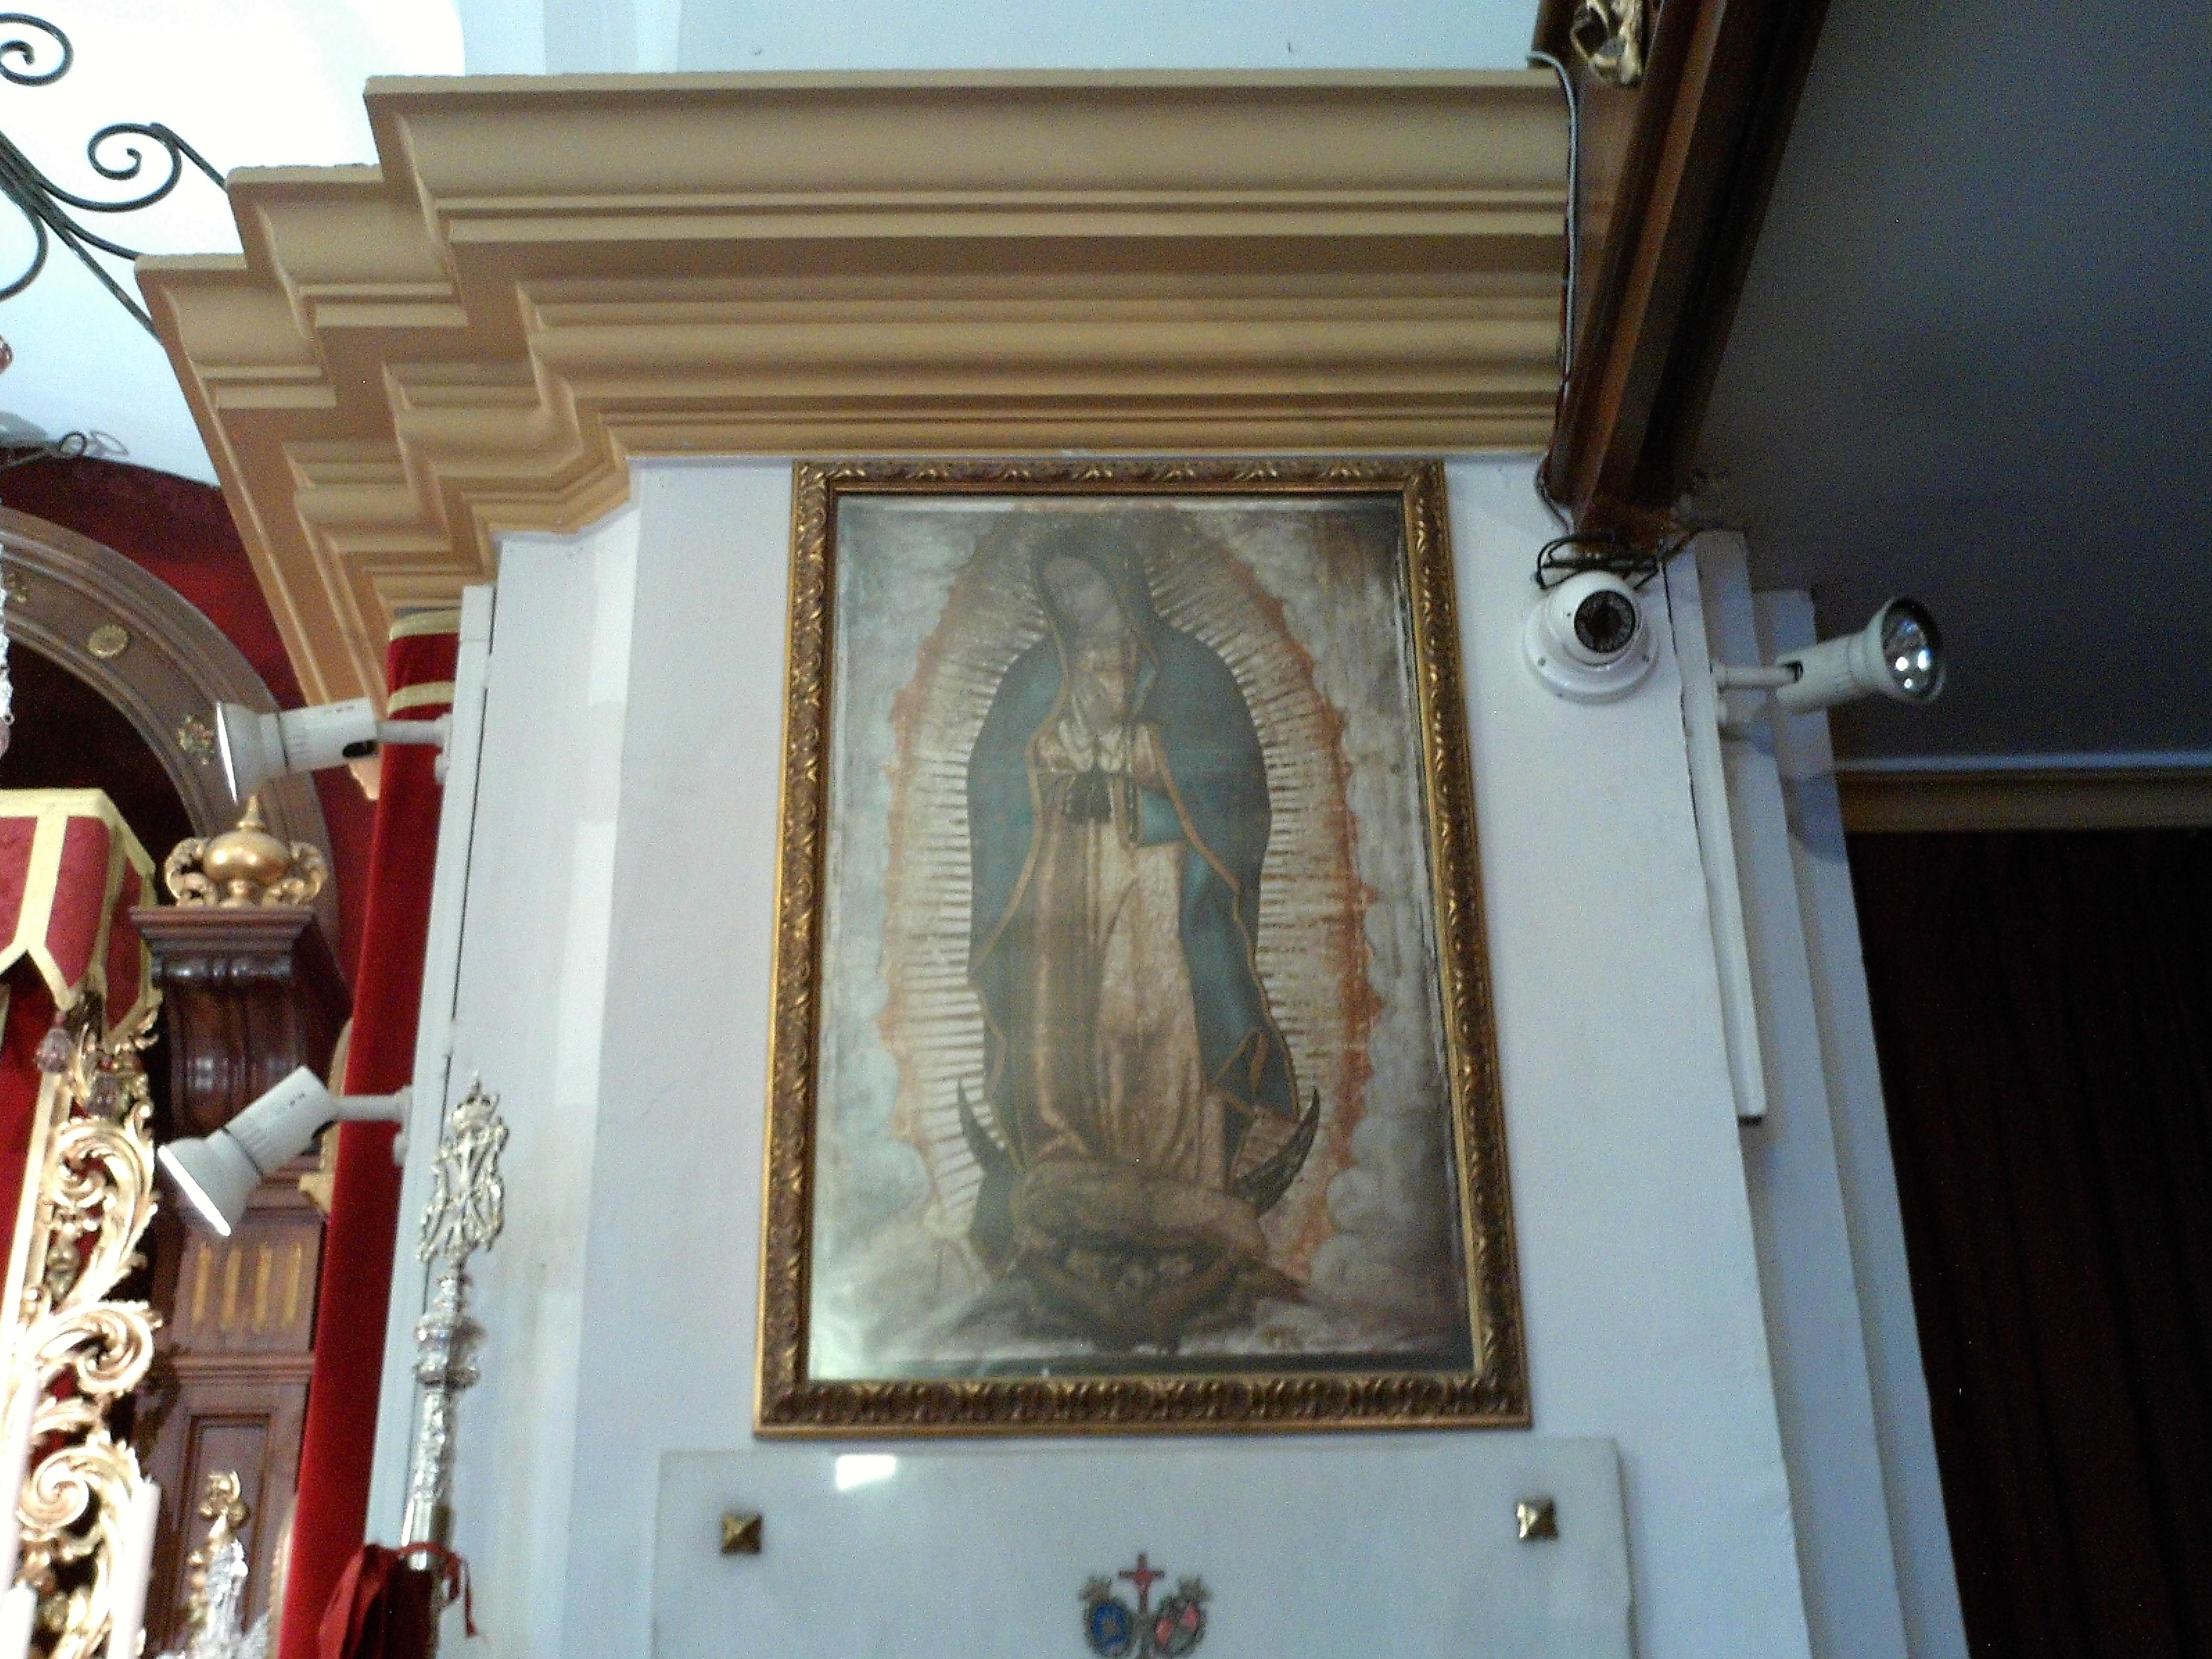 File:Virgen de Guadalupe (enmarcada).jpg - Wikimedia Commons